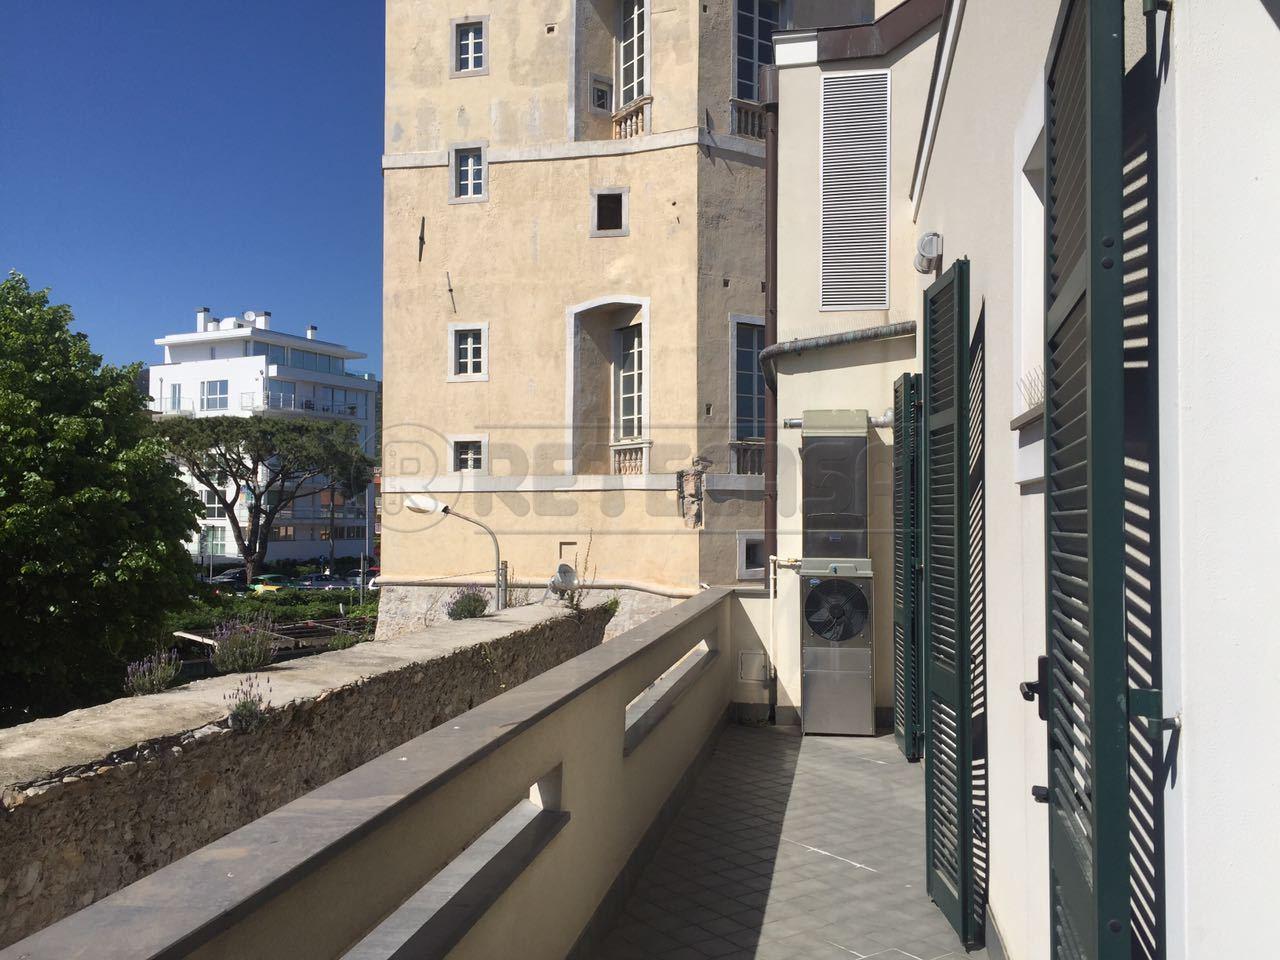 Appartamento in vendita a Loano, 2 locali, prezzo € 315.000   Cambio Casa.it